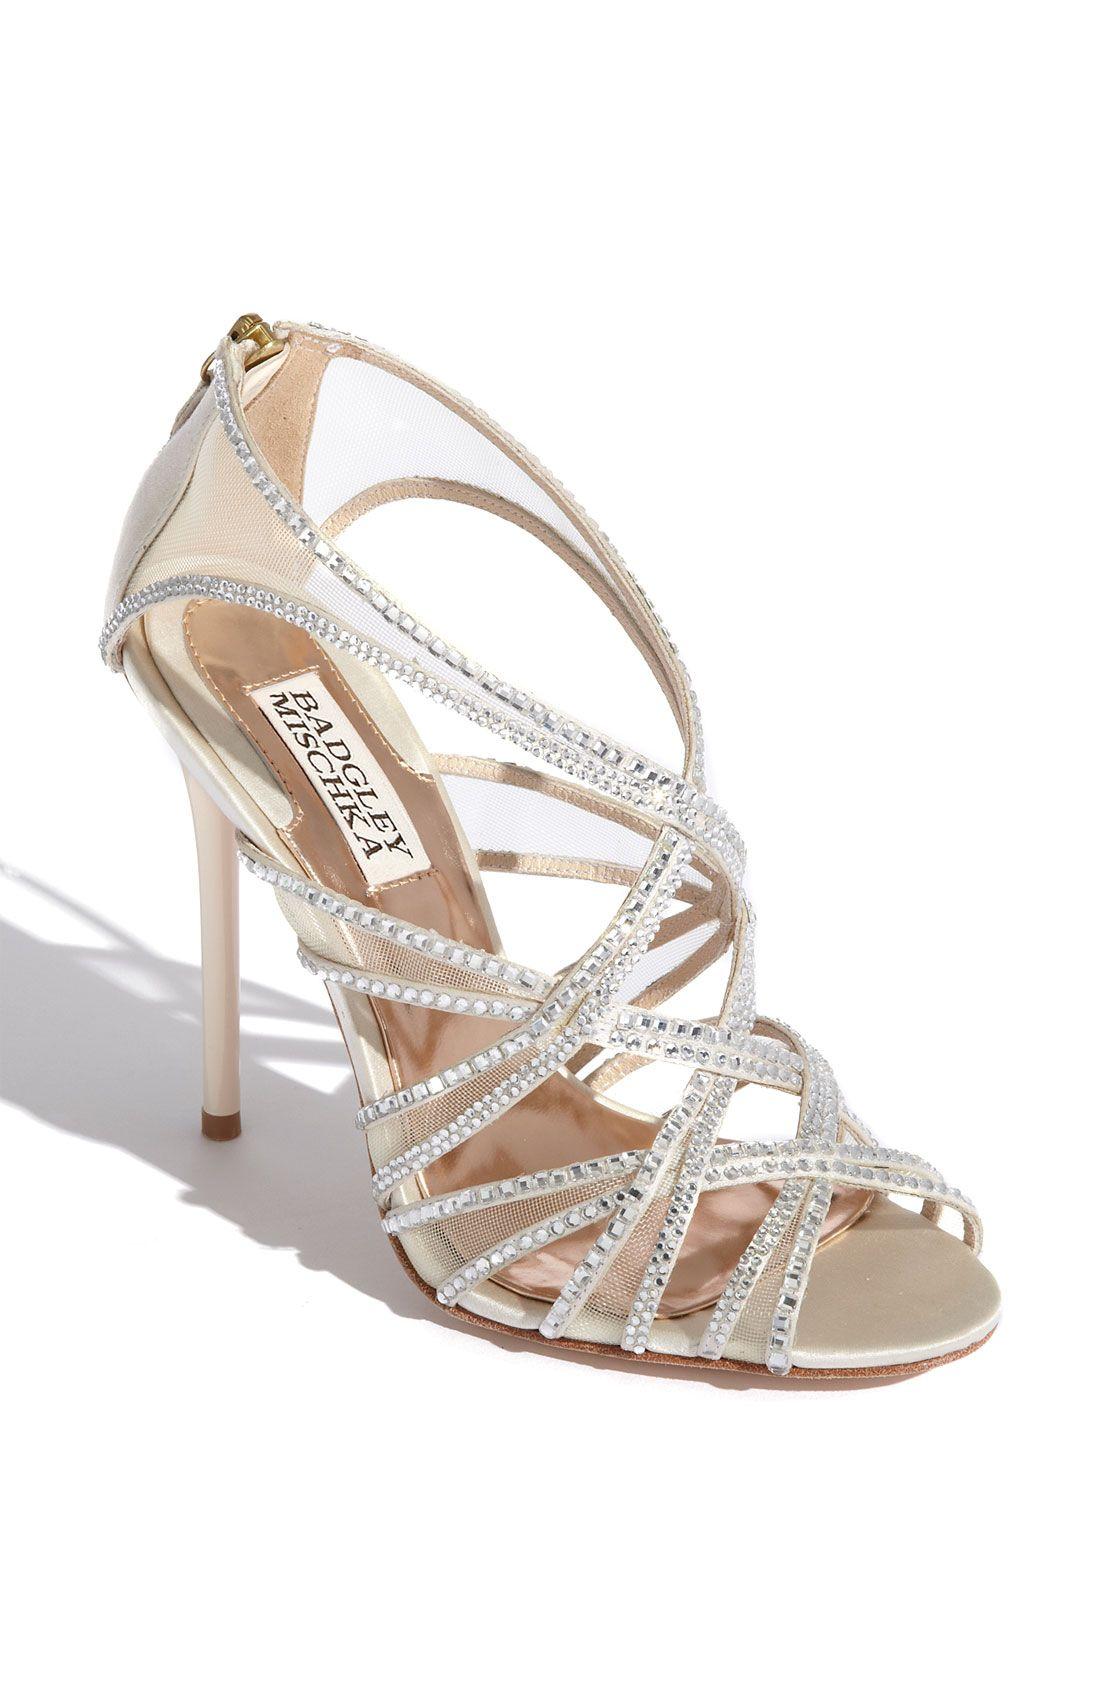 47a49e0bd39 eleganckie, srebrne sandały ślubne, buty ślubne, wedding shoes ...